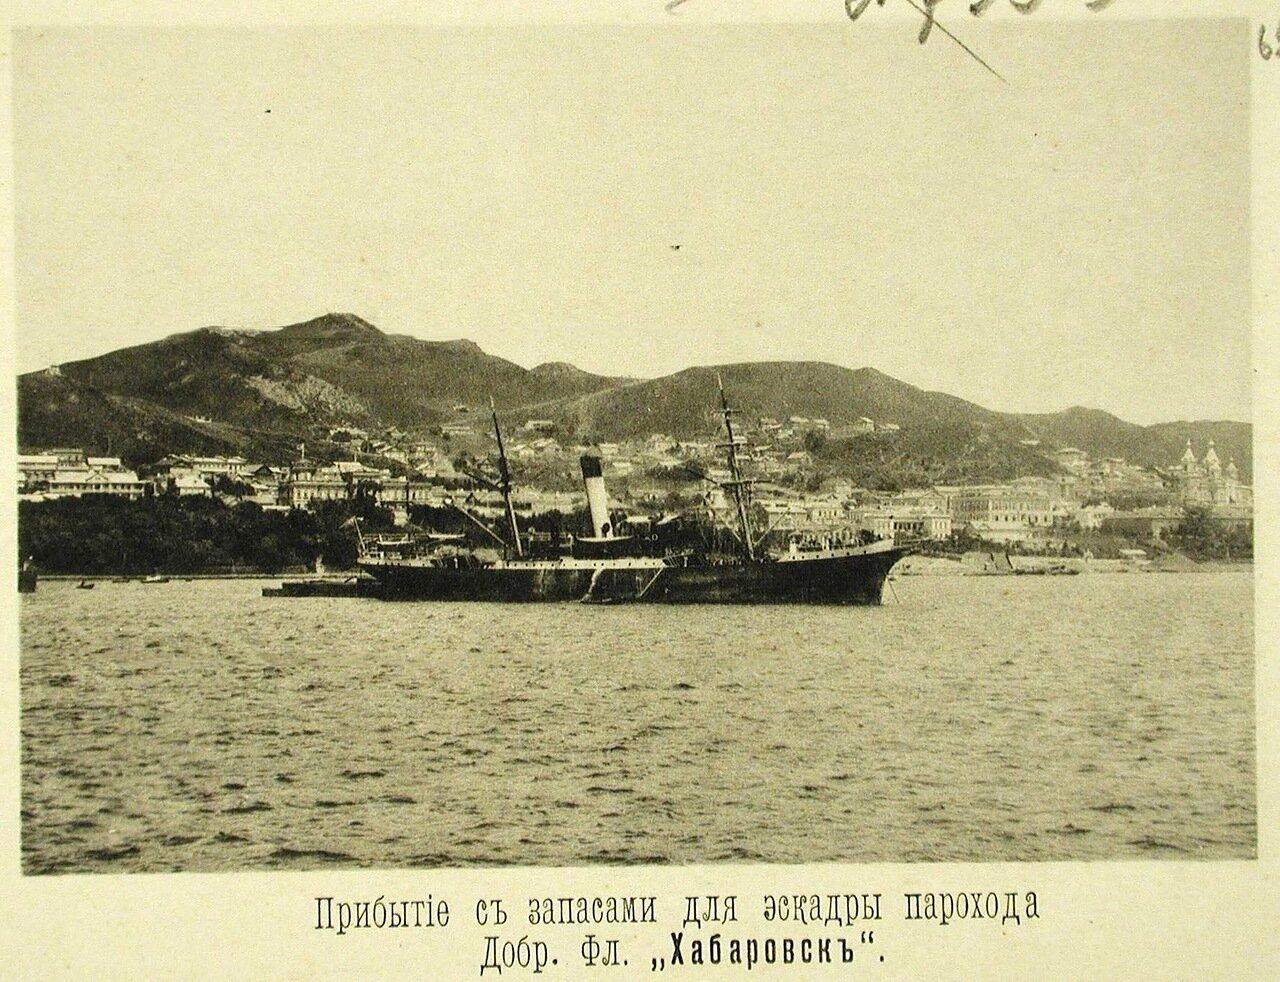 62. Пароход Добровольного флота Хабаровск, прибывший с запасами для эскадры, в порту